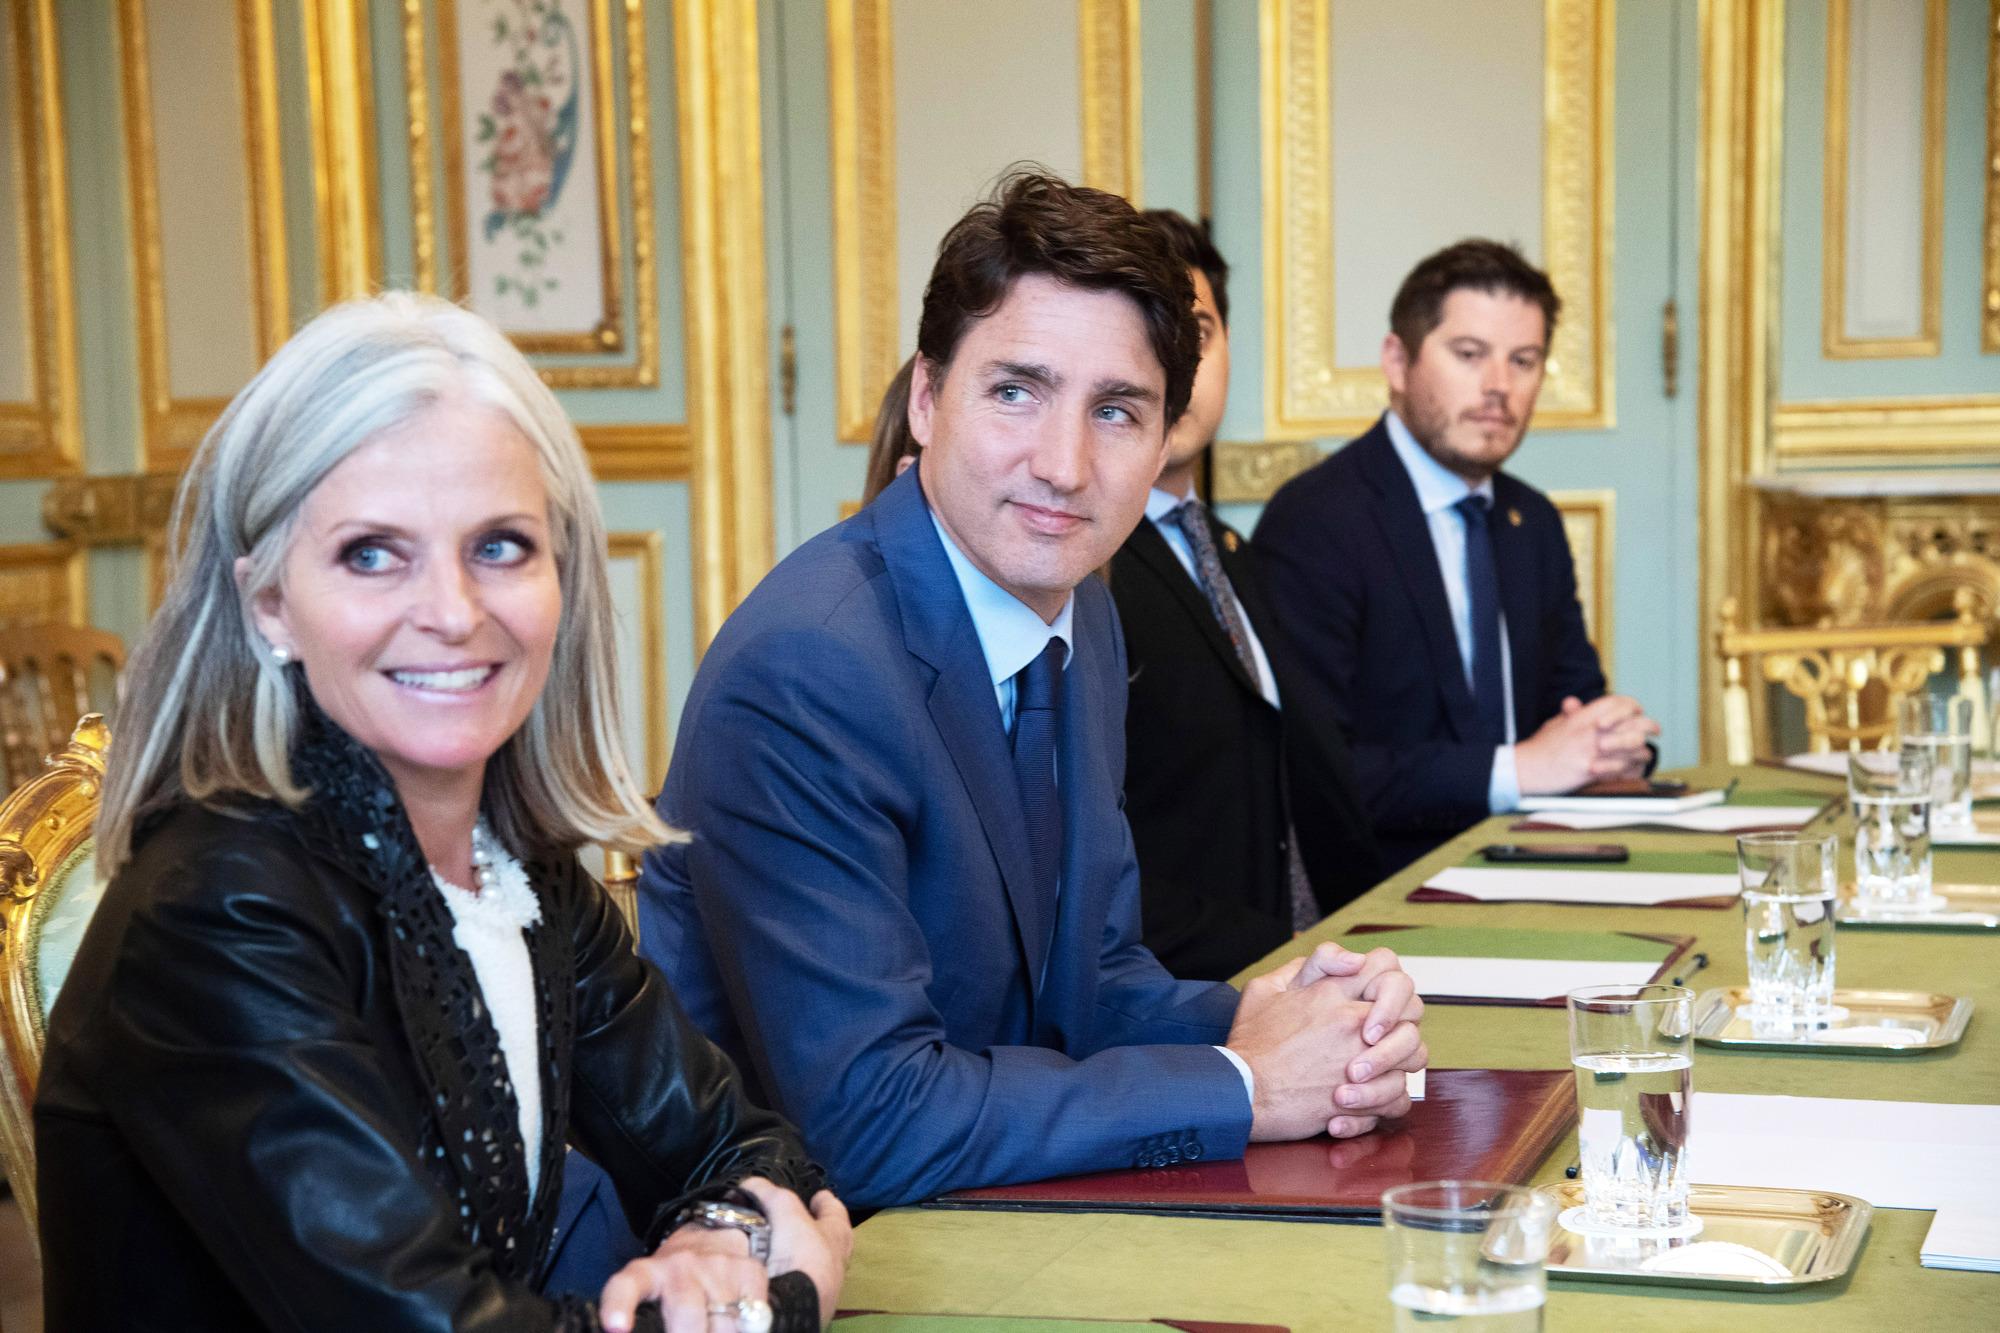 Isabelle Hudon, ambassadrice du Canda en France, à côté de Justin Trudeau.